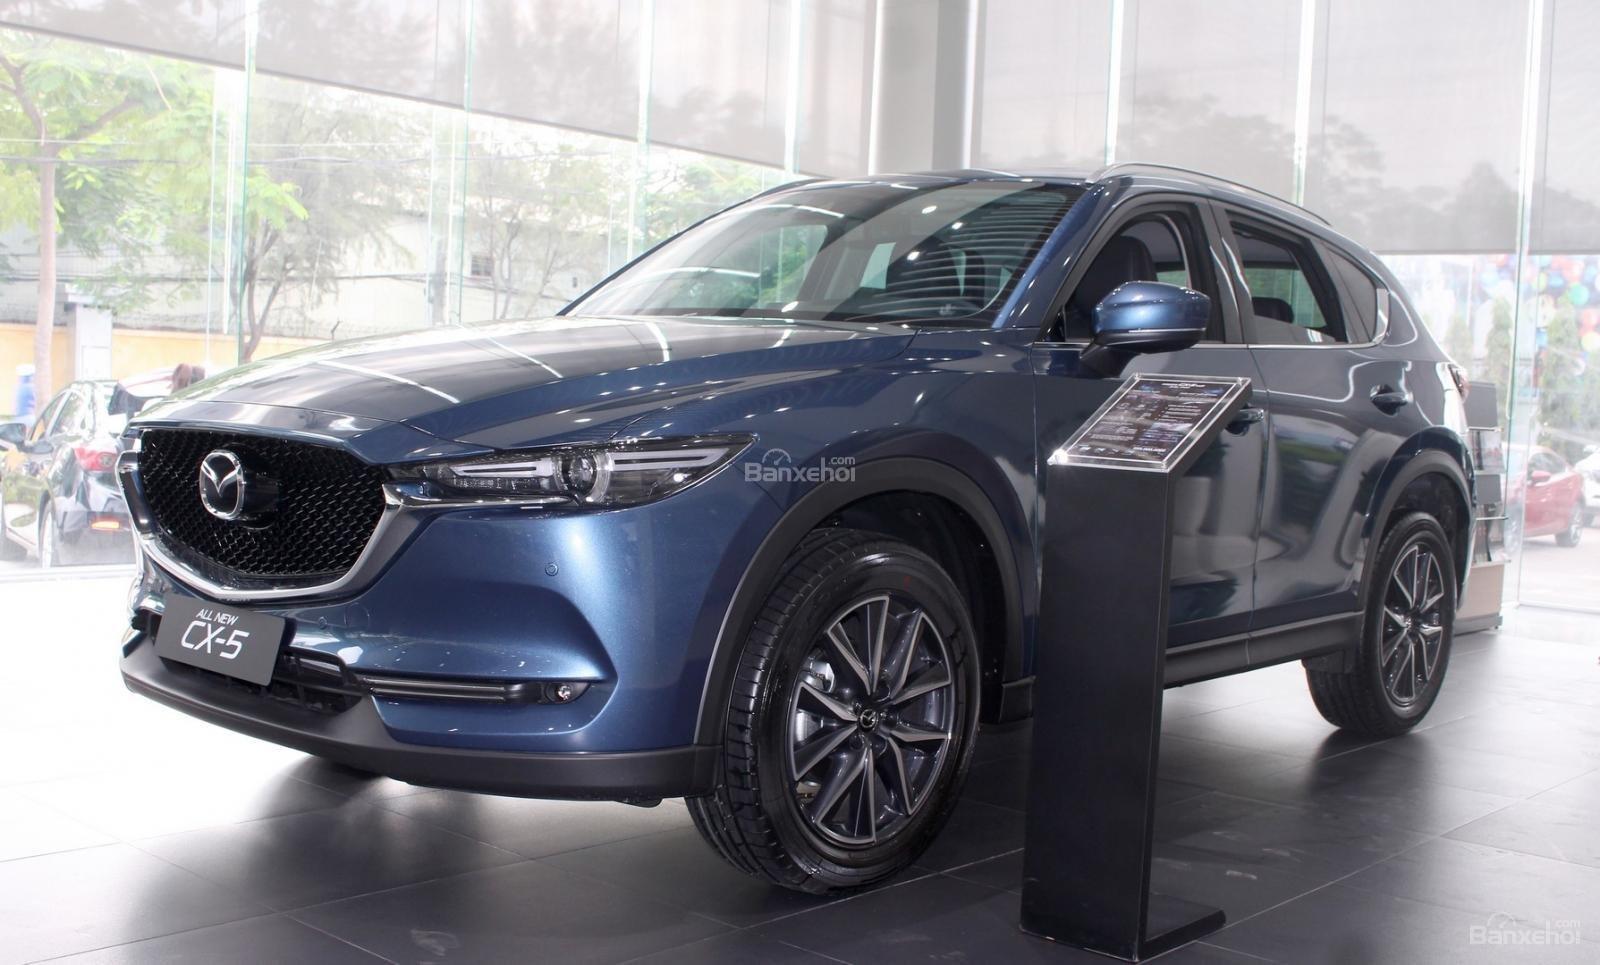 [Mazda Bình Triệu] mua Mazda CX-5 chỉ với 278 triệu, hỗ trợ vay trả góp lên đến 85%-1